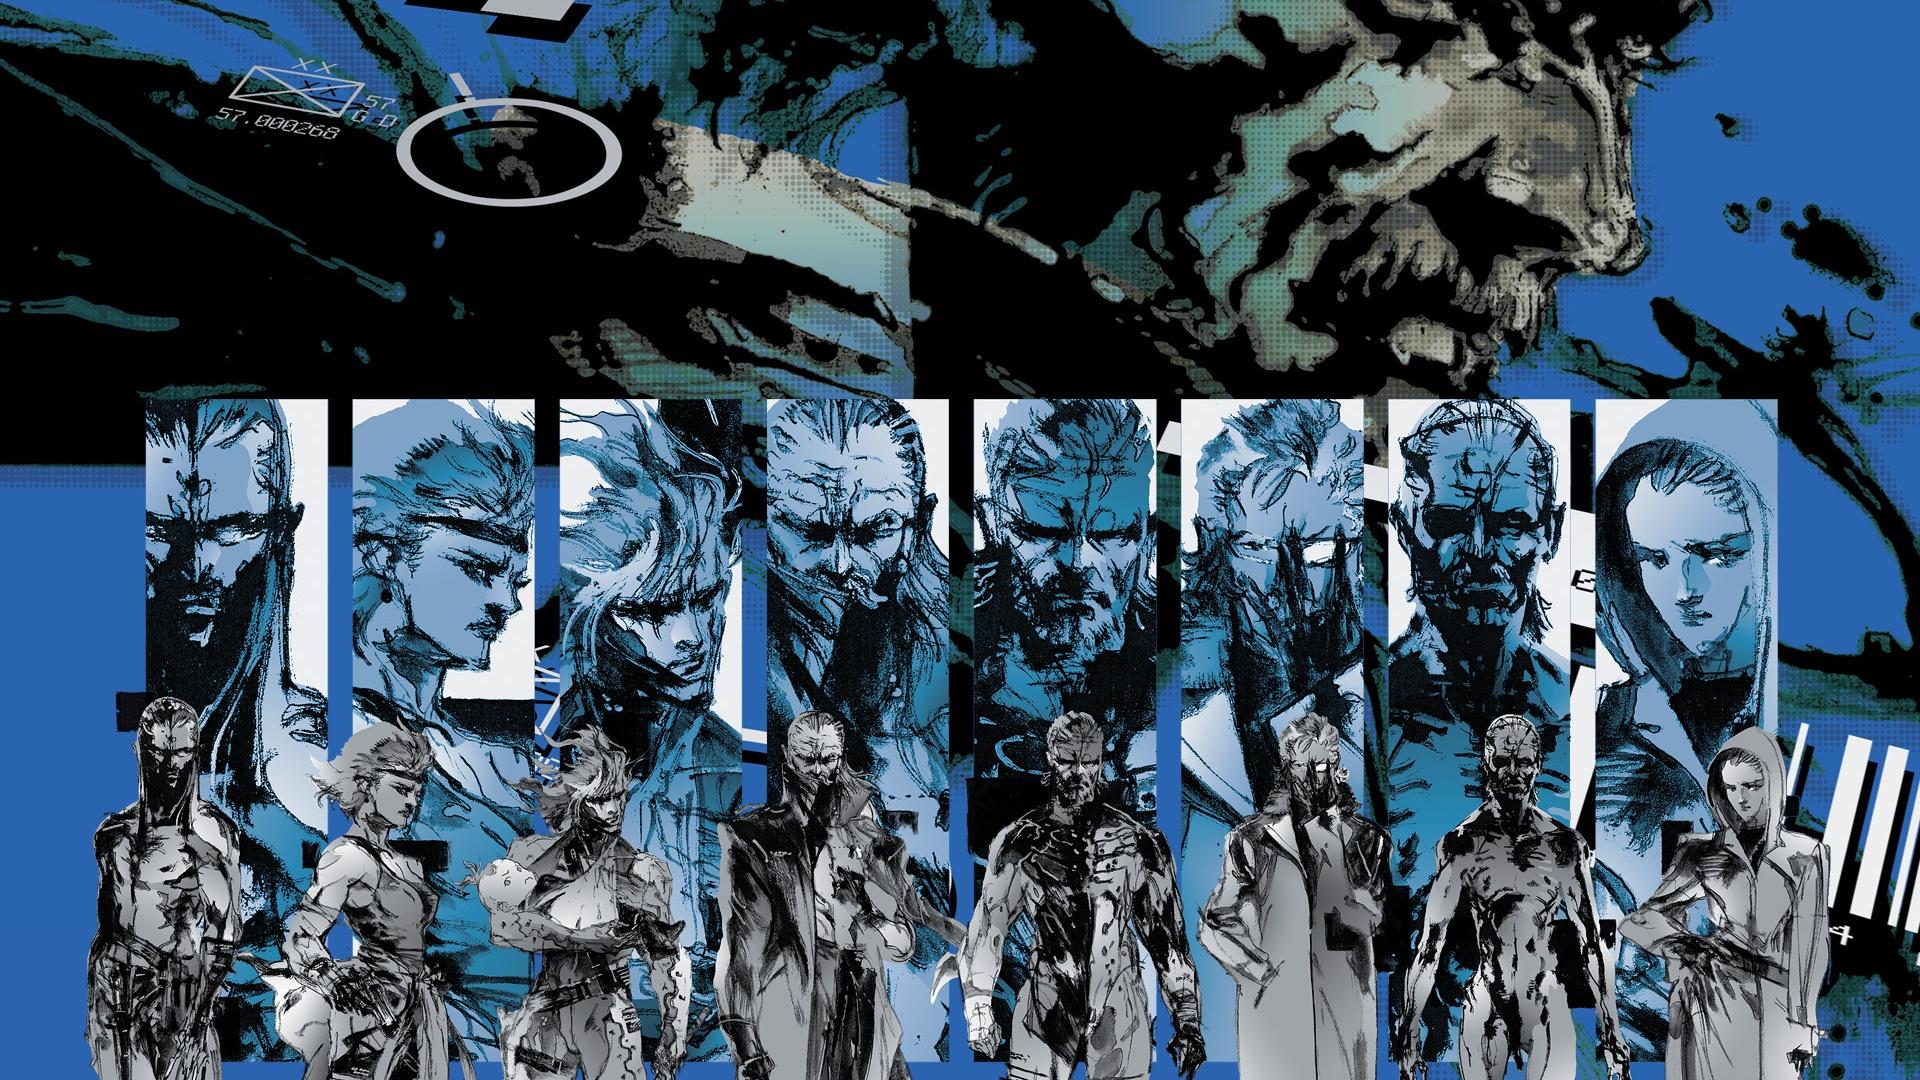 Metal Gear Solid Wallpaper Wallpapermonkey Mgs Wallpapers 1920x1080